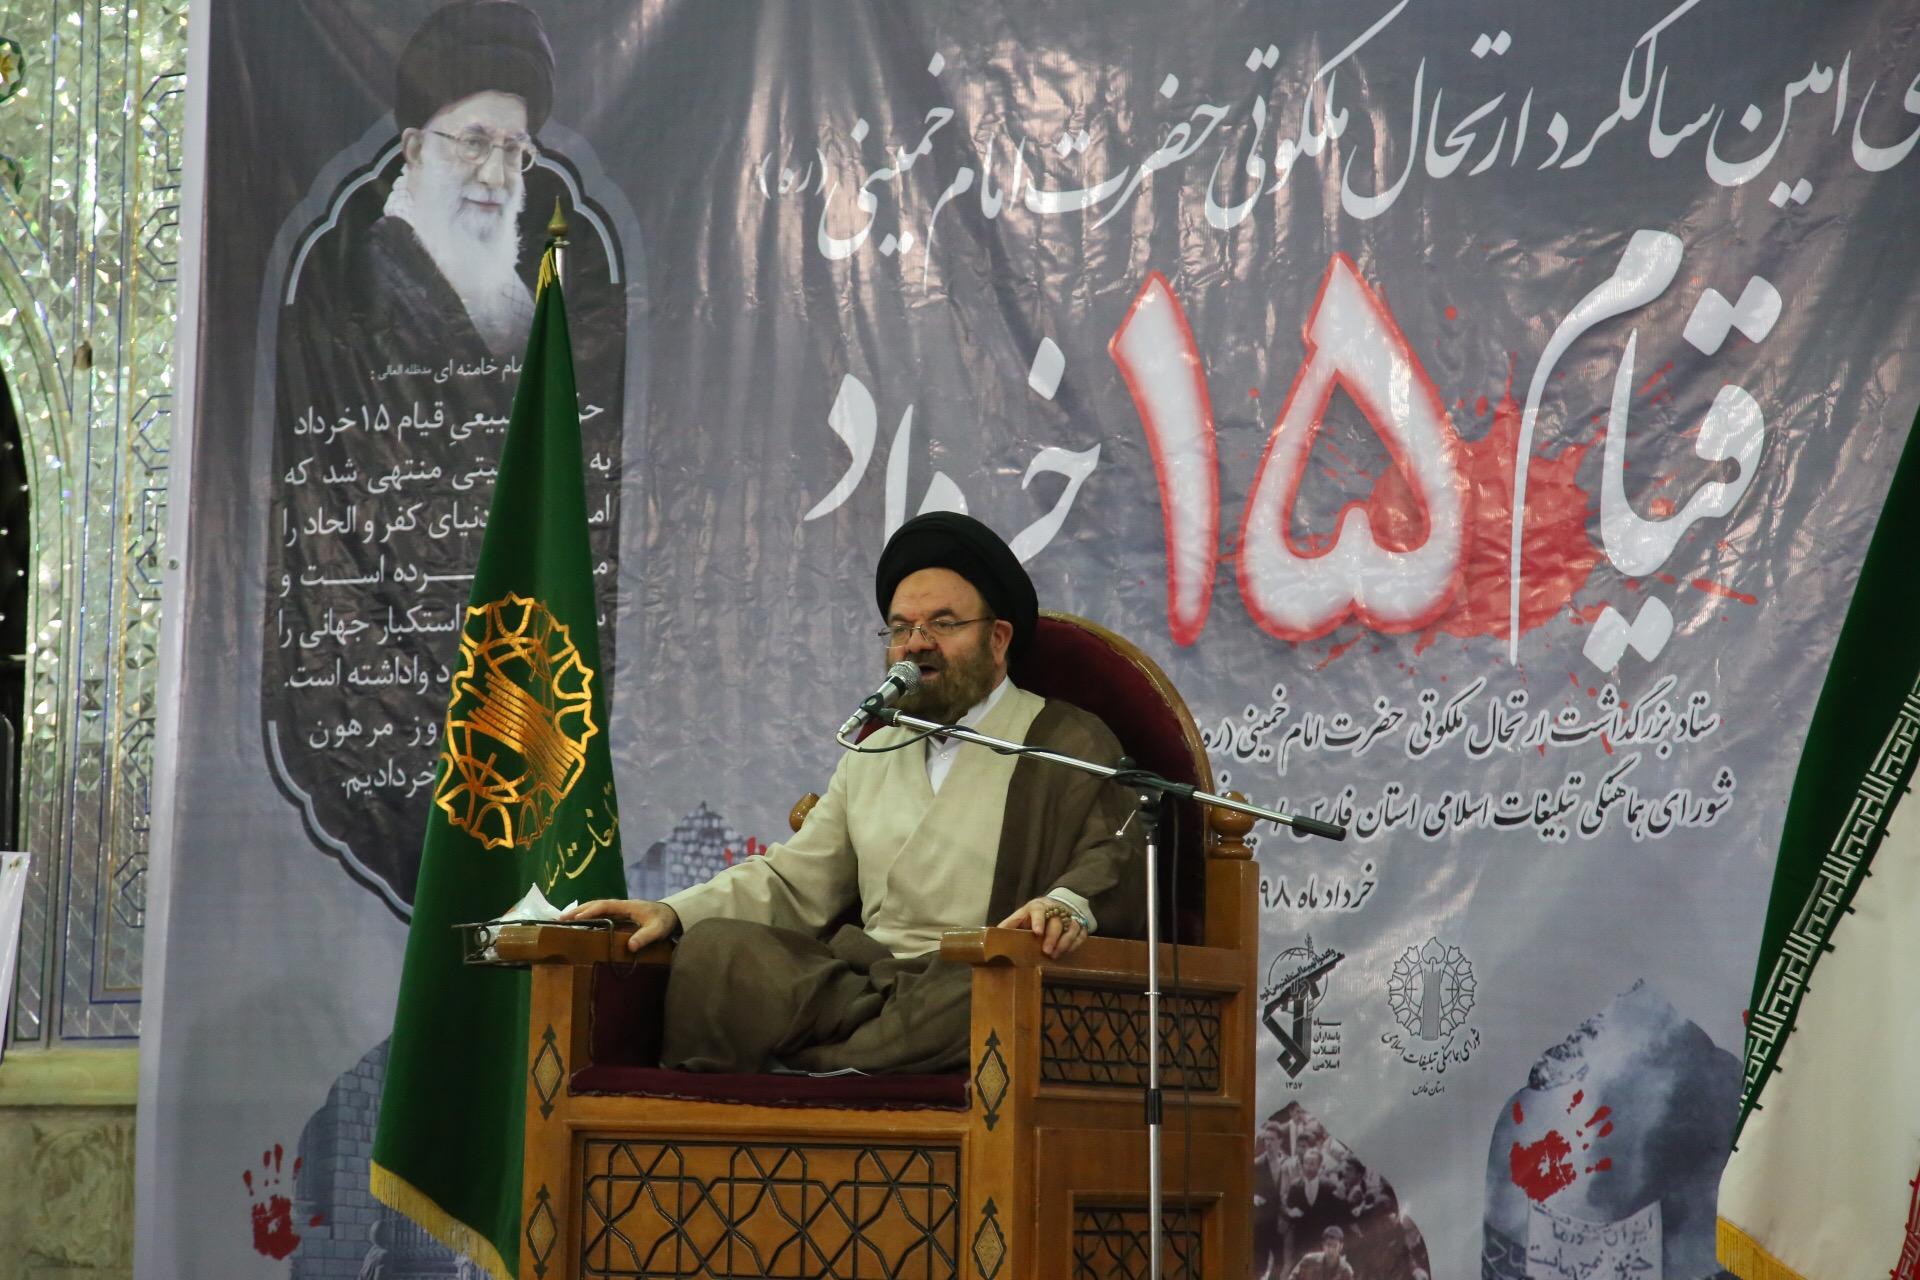 حجت الاسلام والمسلمین فاطمی